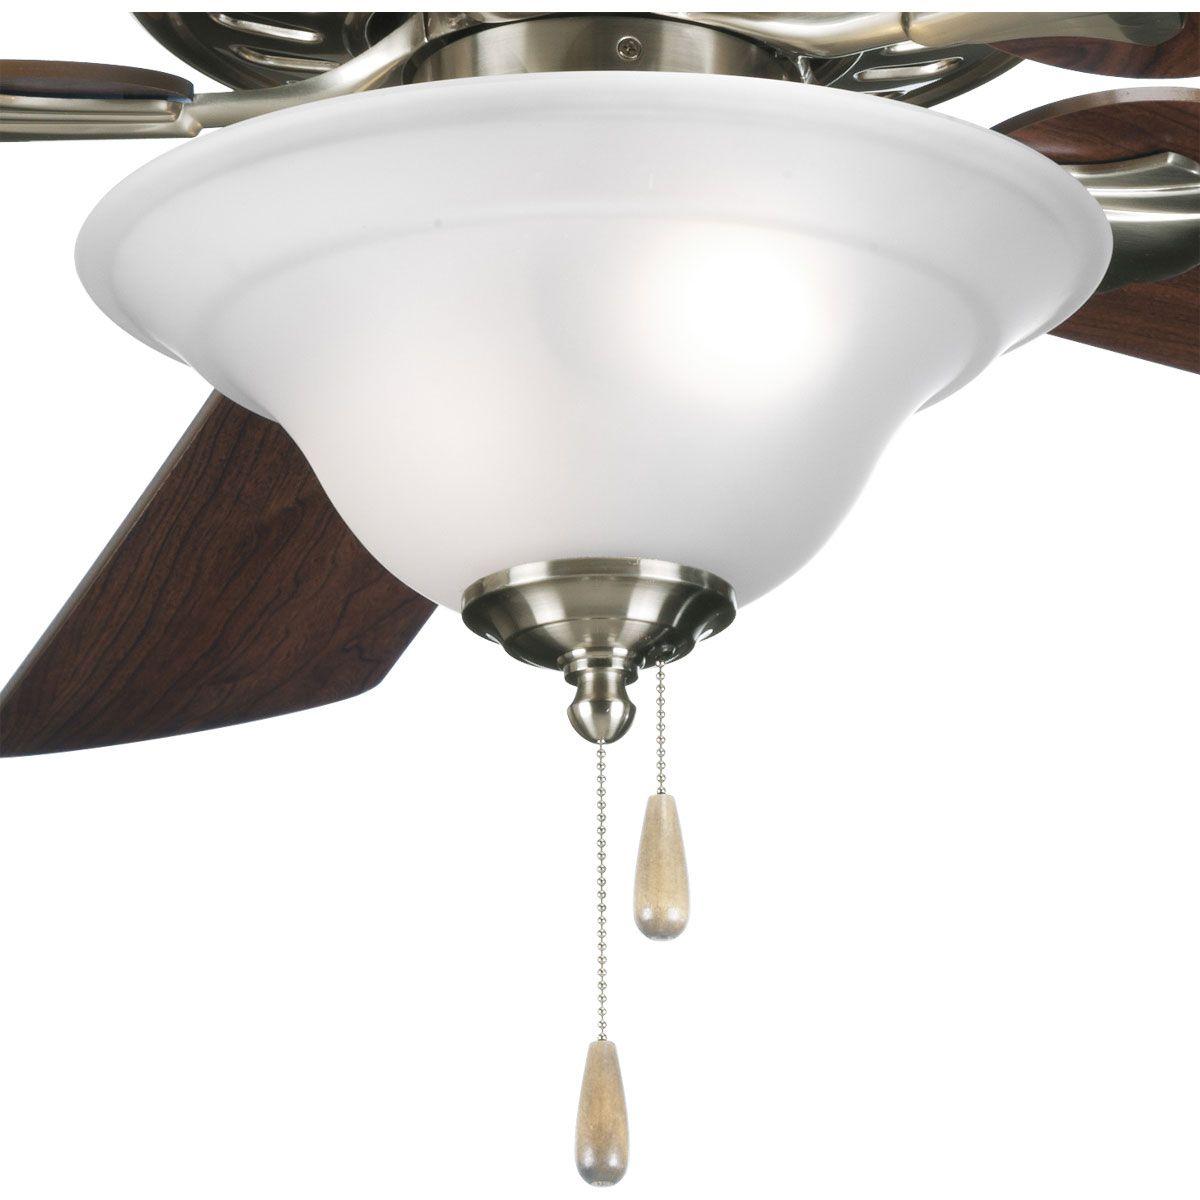 Bedroom 3 Light Kit Ceiling Fan Light Kit Ceiling Fan With